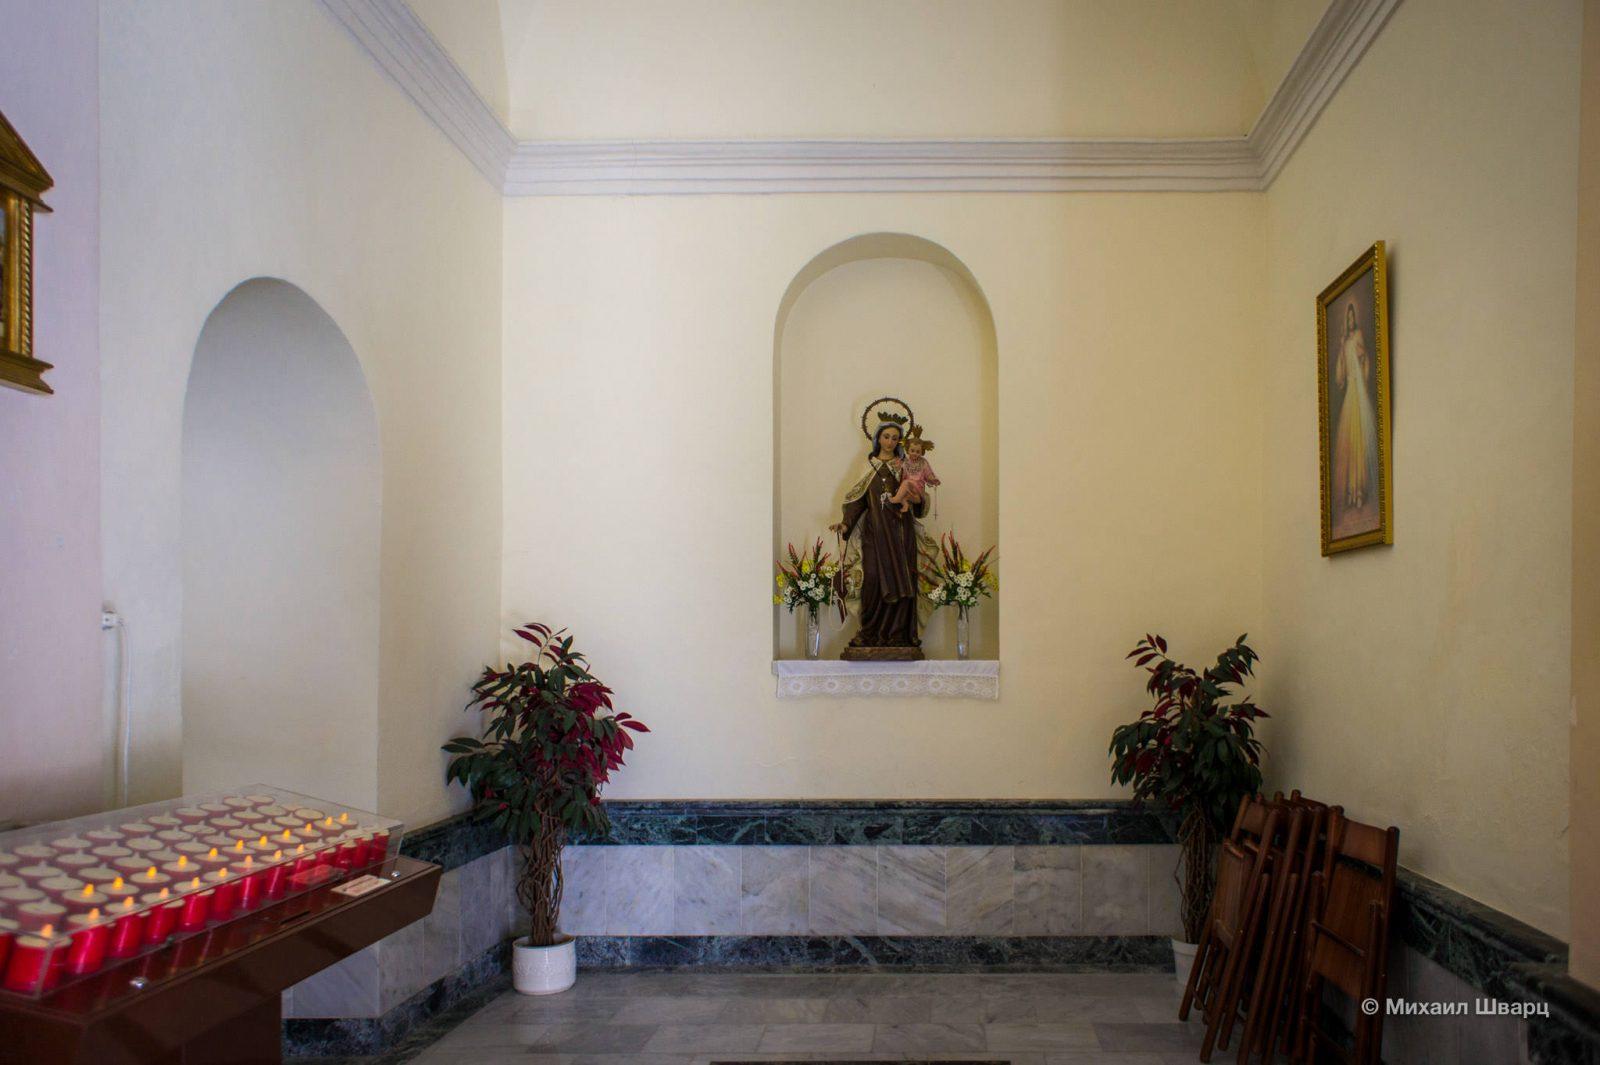 Iglesia a Nuestra Señora de la Asunción